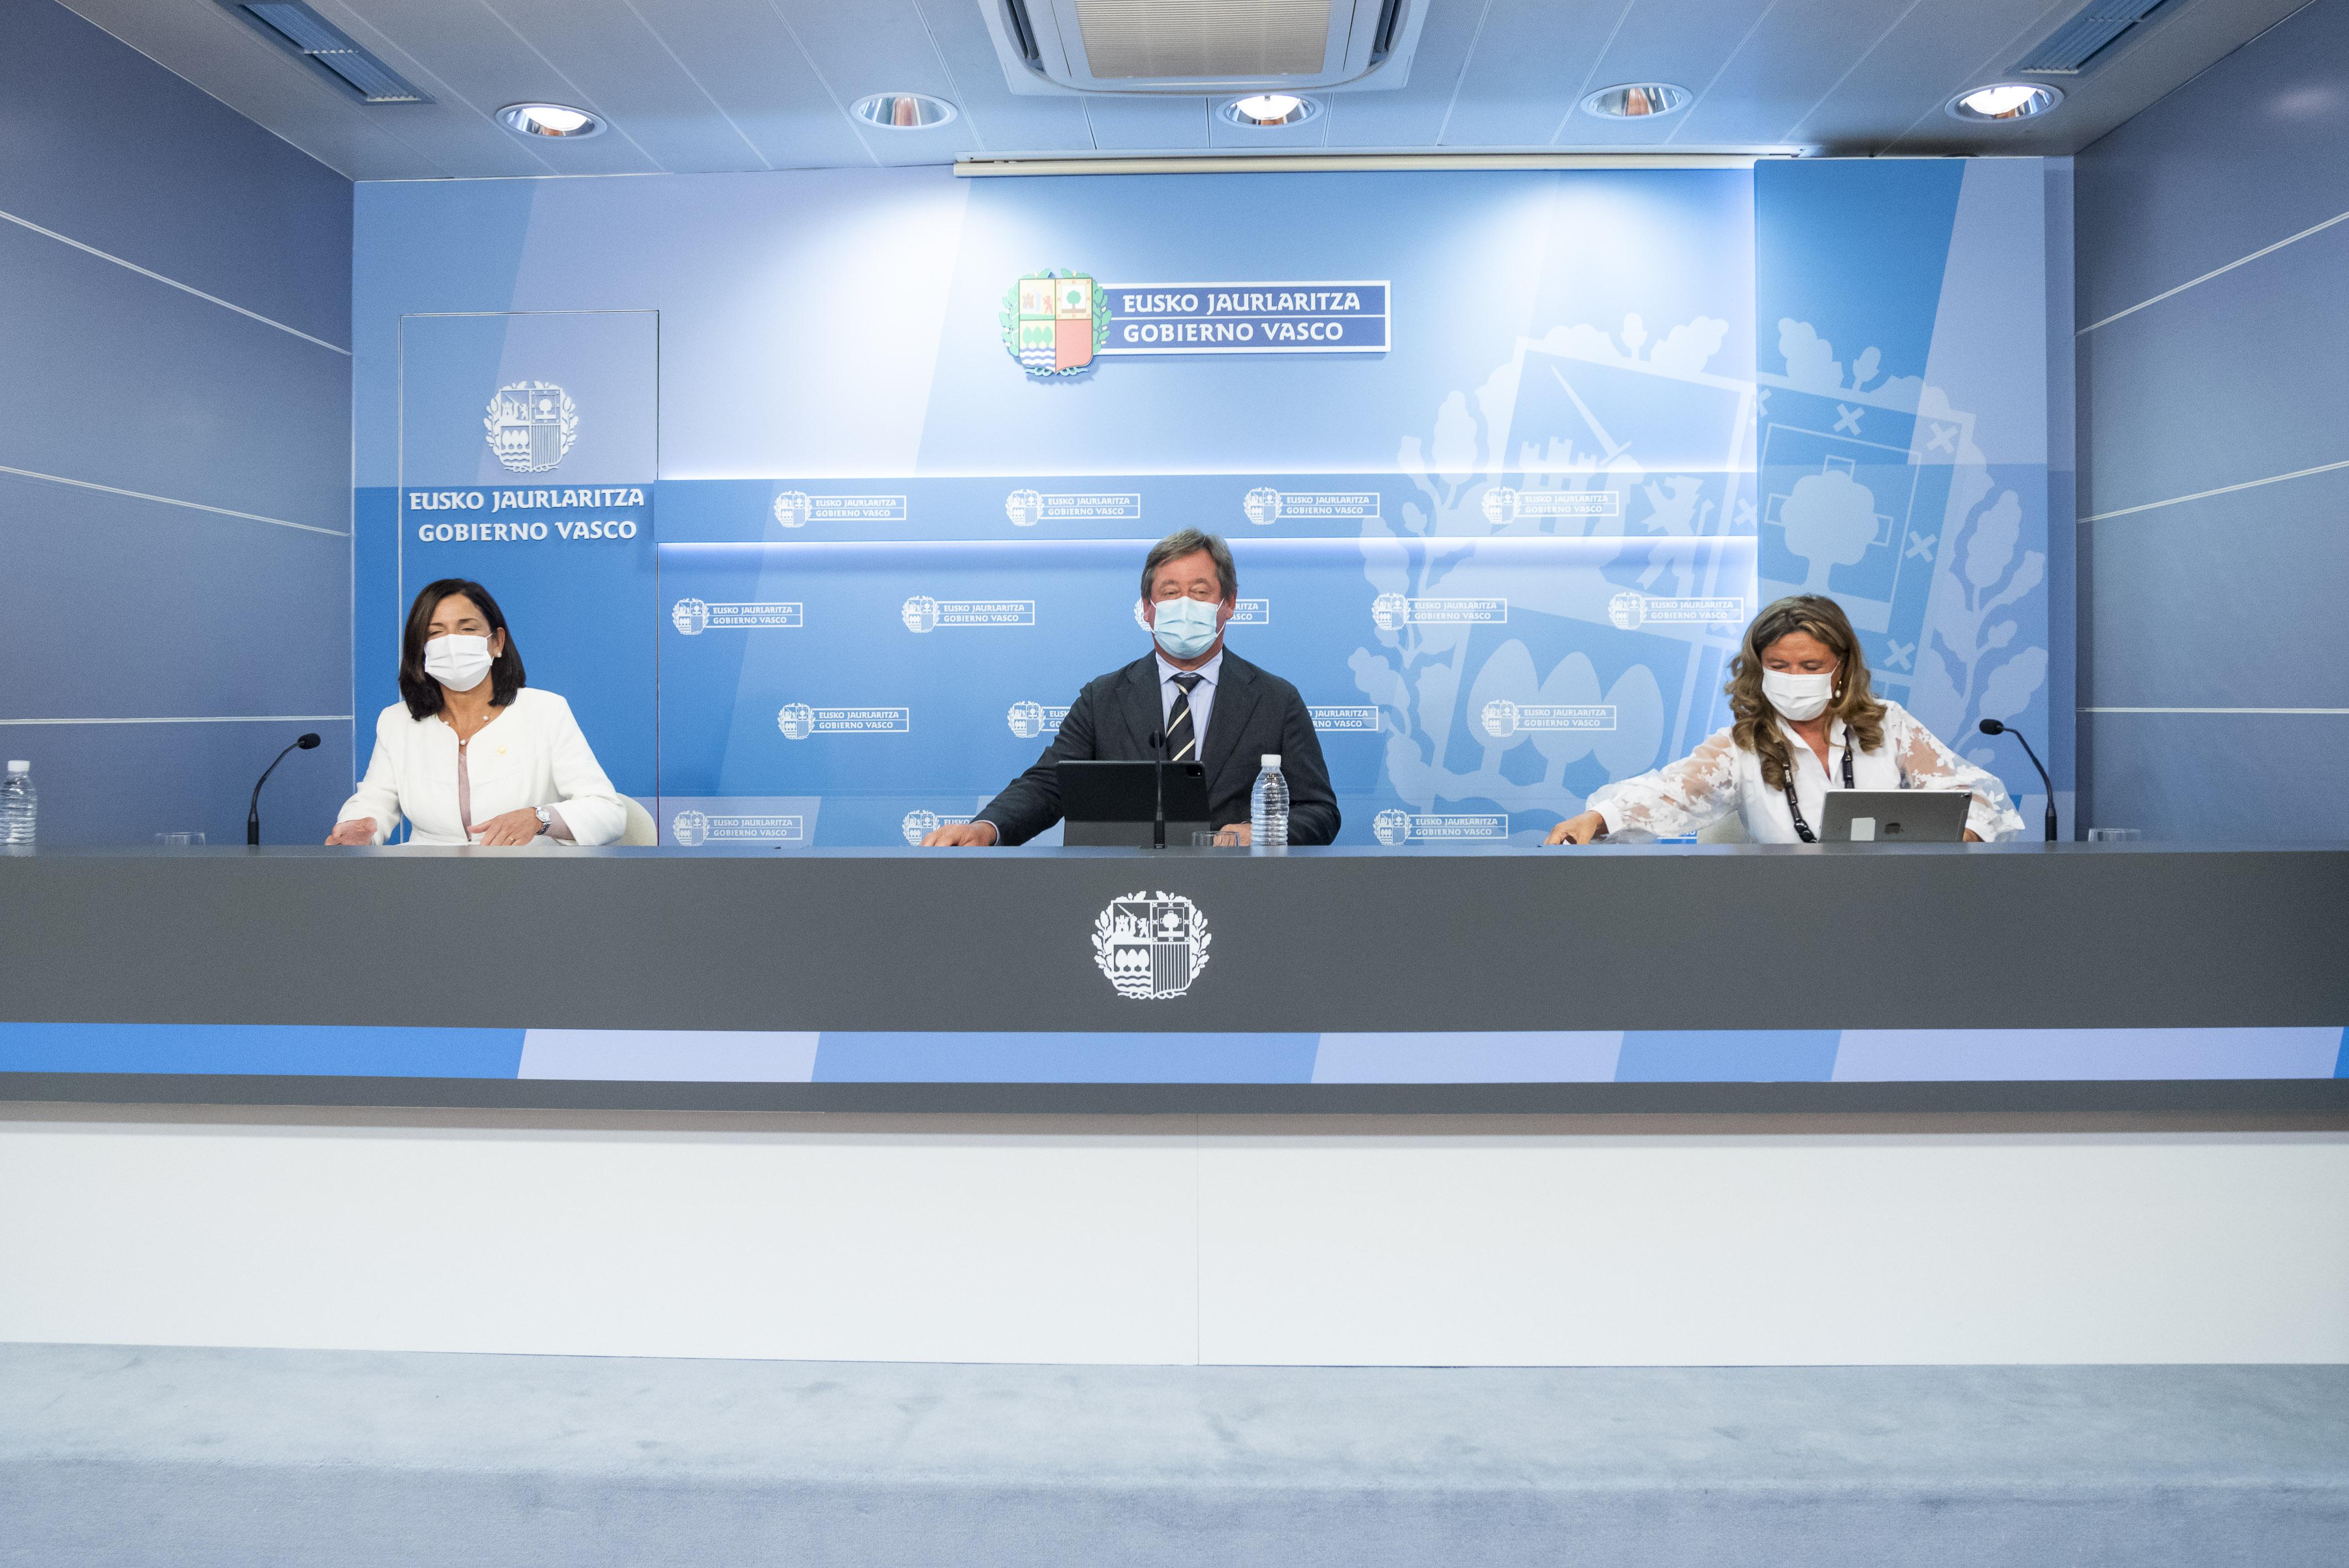 """El Gobierno Vasco presenta el plan Udaberri 2024 para la convivencia tras finalizar un """"intenso proceso de contraste"""" e incluir aportaciones de diferentes colectivos [57:30]"""